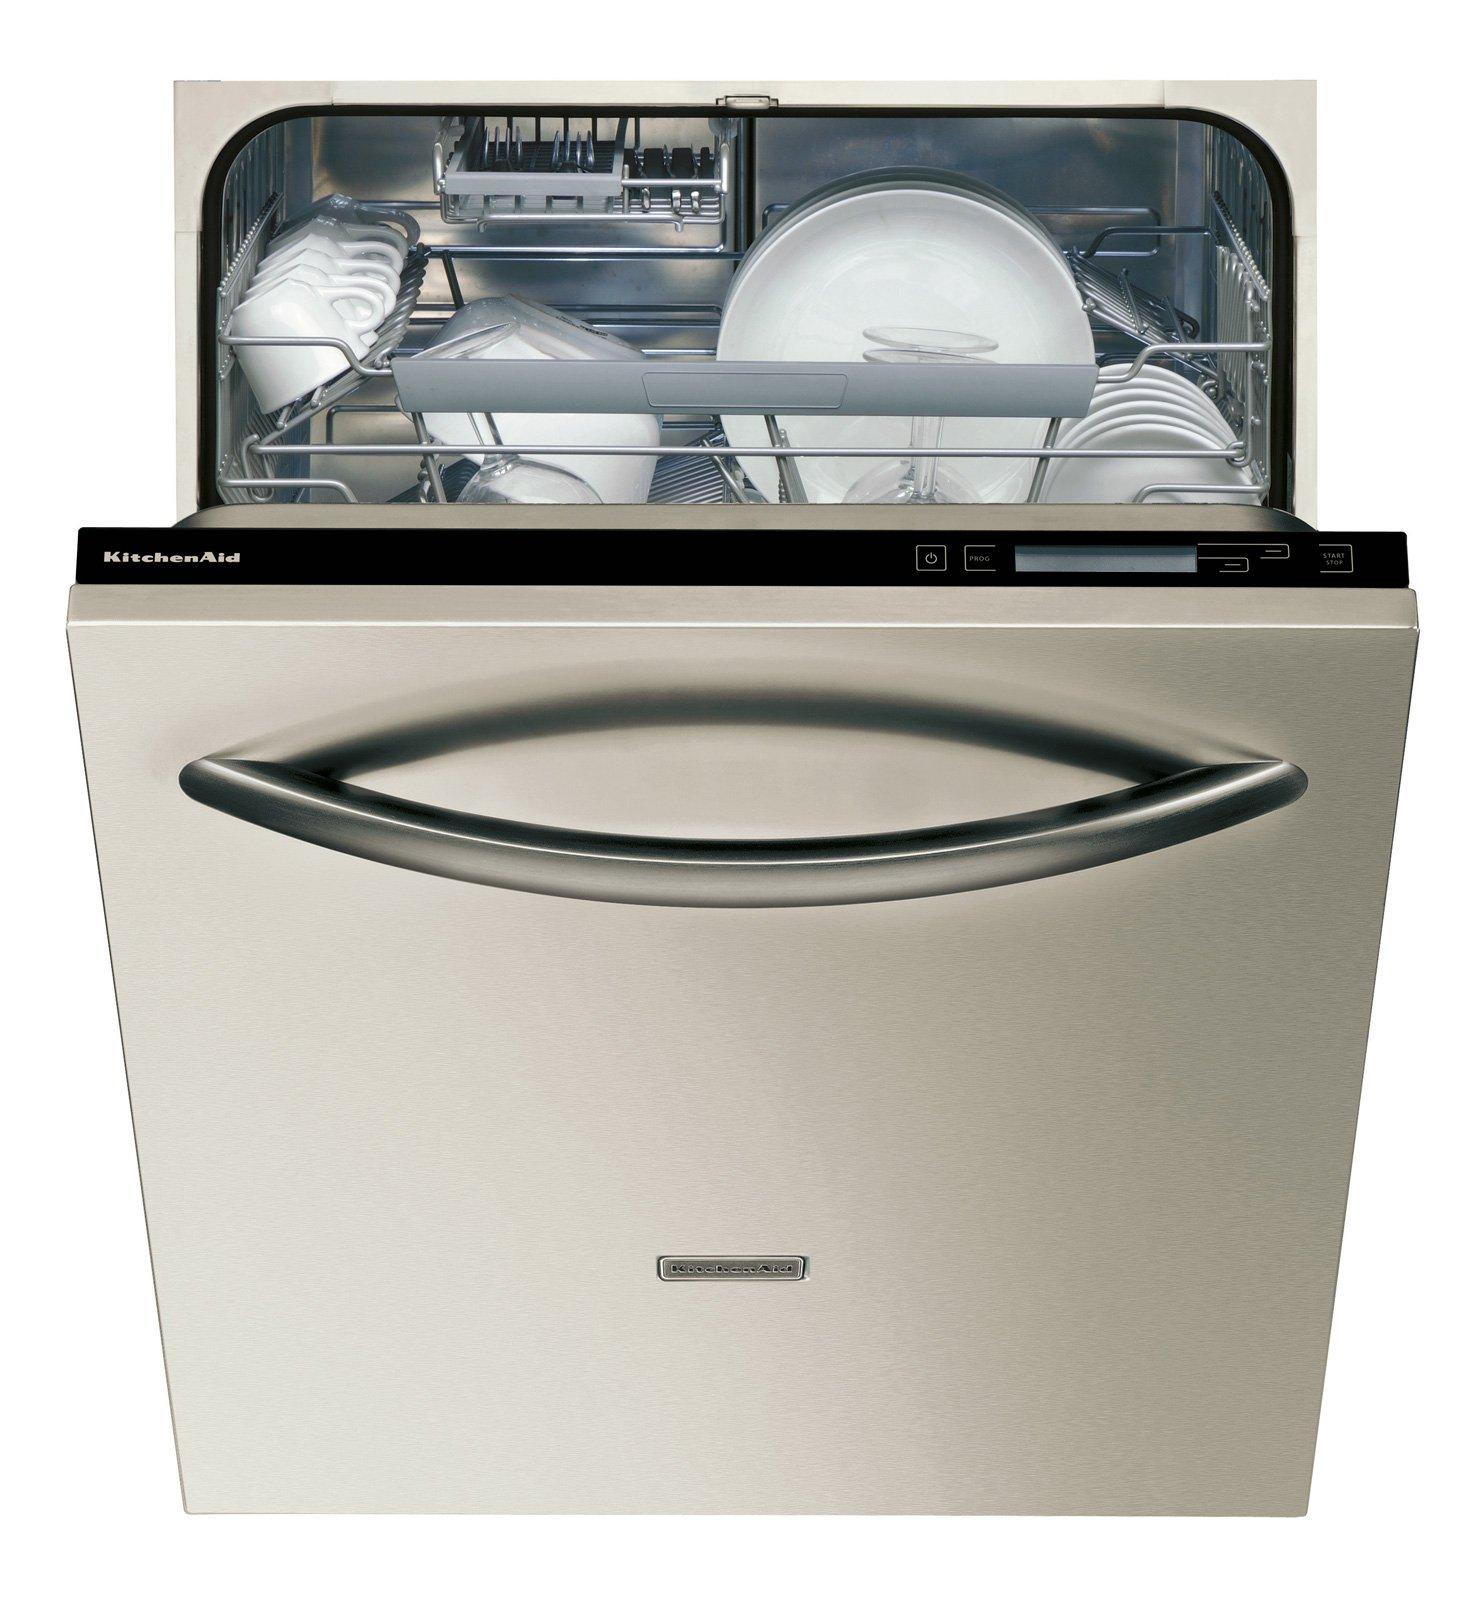 Lavastoviglie veloci e tecno cose di casa for Programmi lavastoviglie ariston